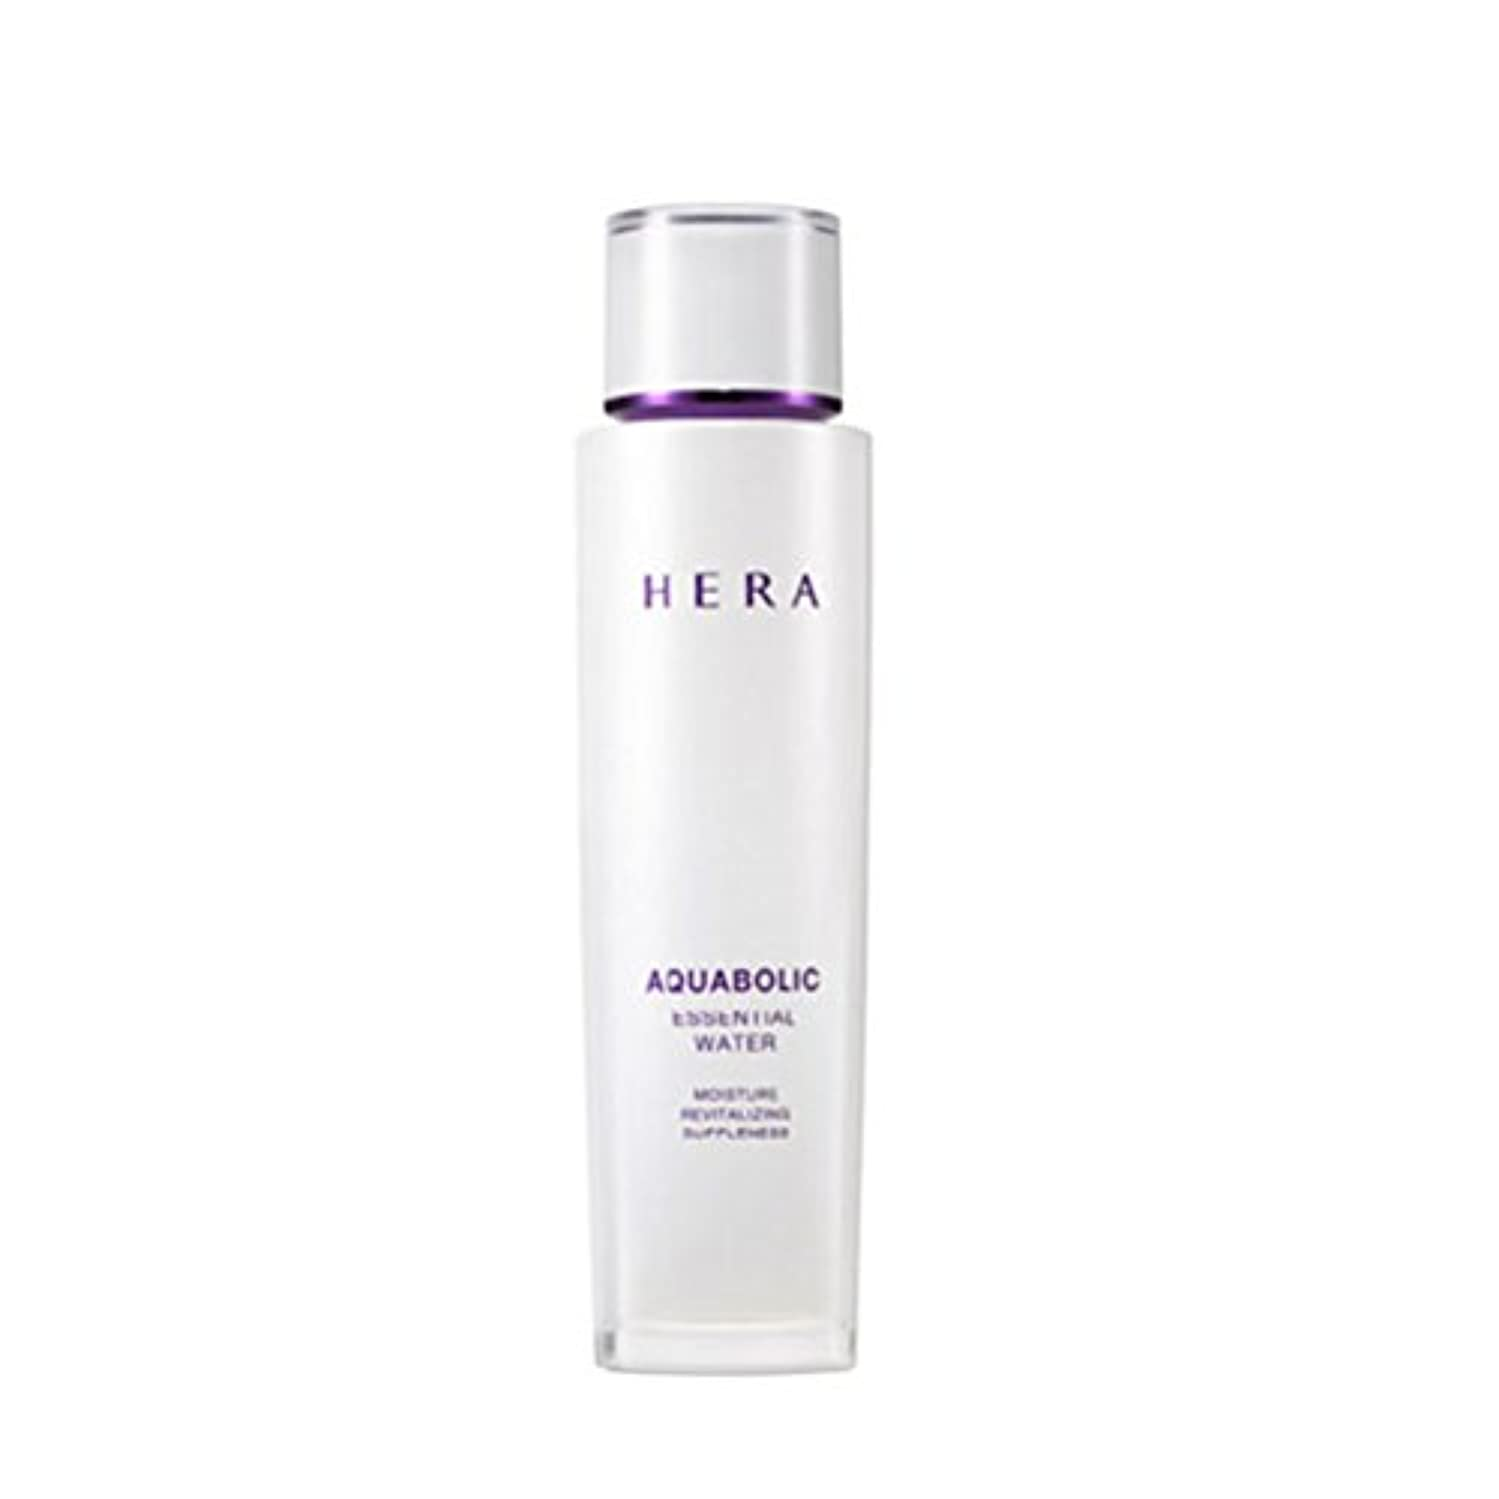 時制から最少(ヘラ) HERA Aquabolic Essential Water アクアボルリクエッセンシャルウオーター (韓国直発送) oopspanda